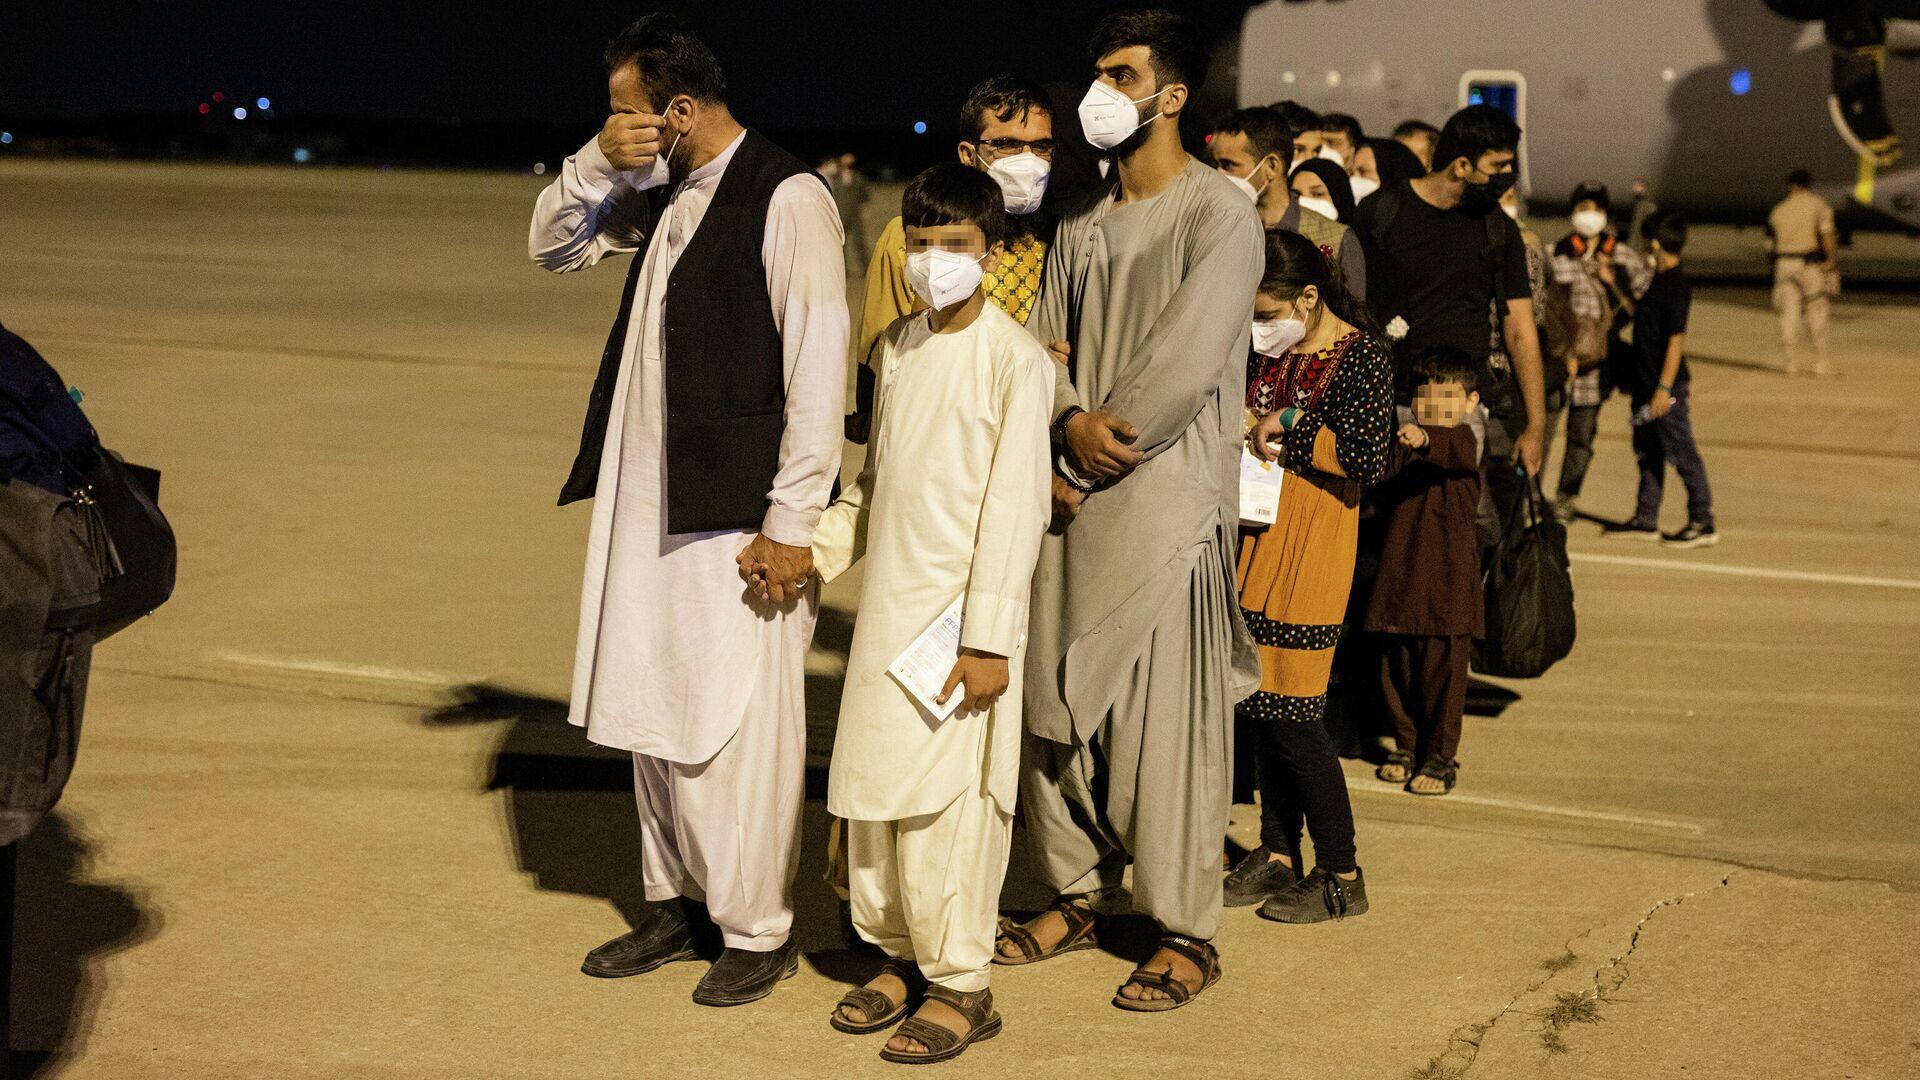 Las personas evacuadas de Kabul aterrizan en Torrejón de Ardoz, Madrid - Sputnik Mundo, 1920, 13.09.2021